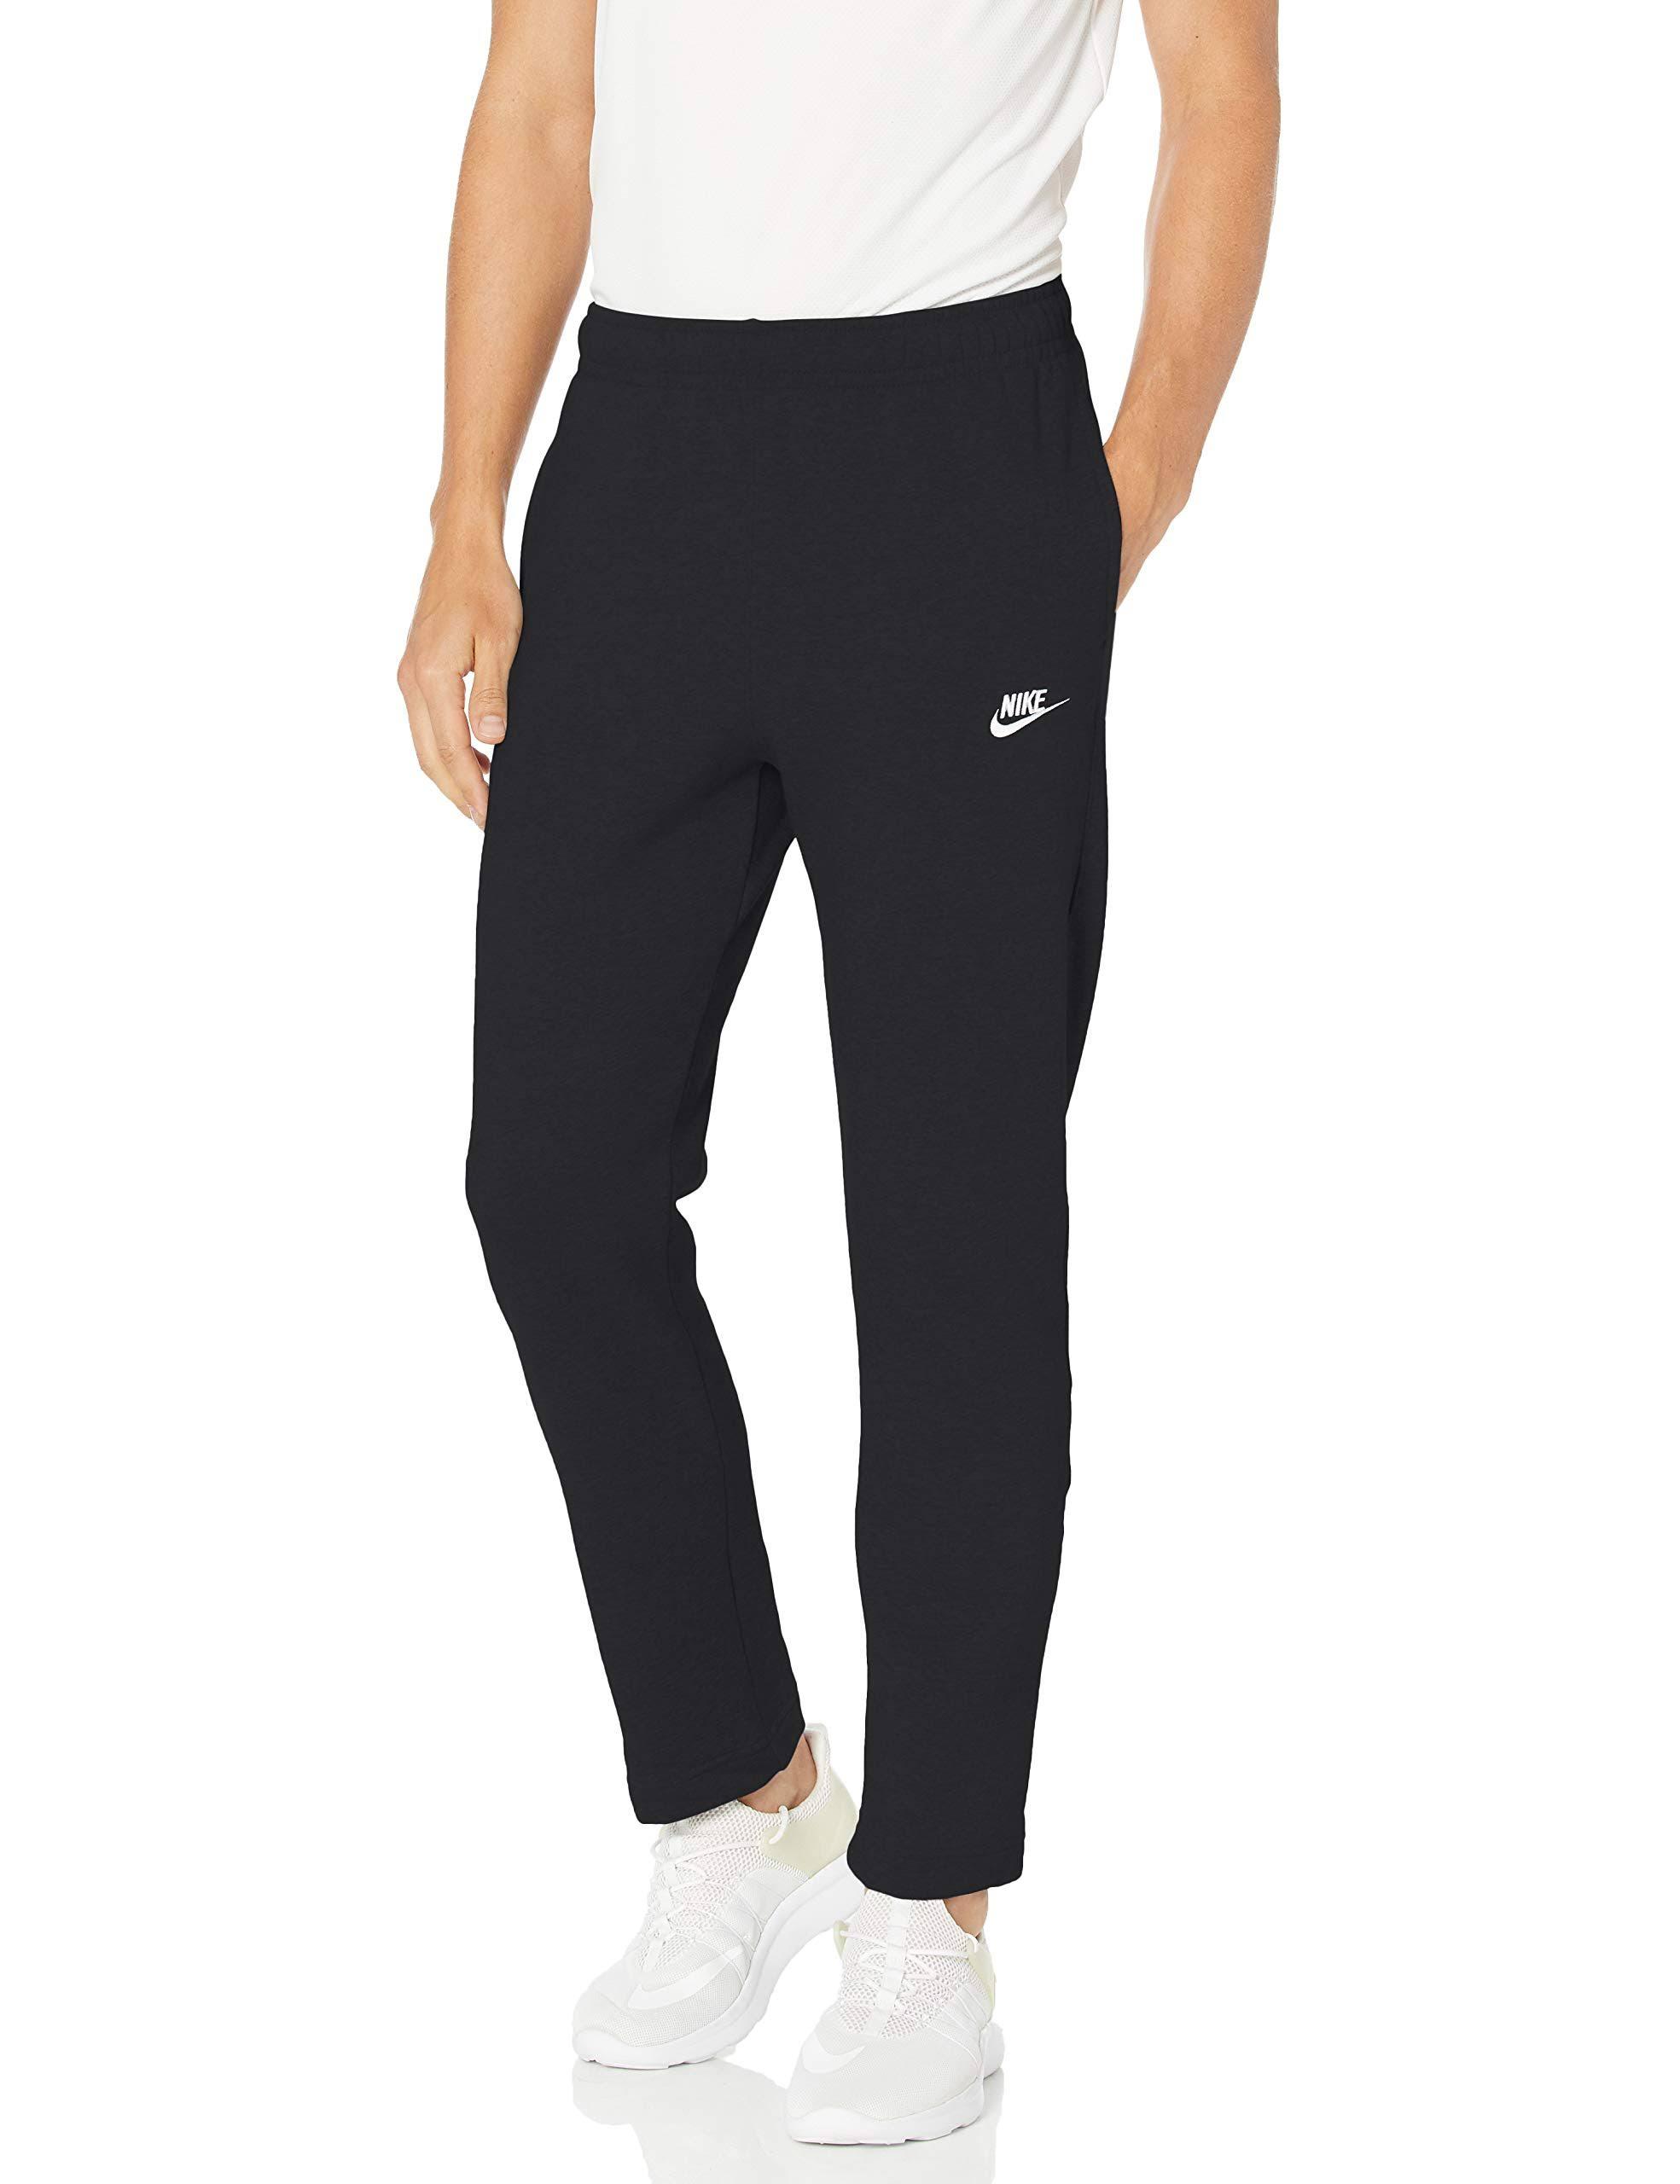 Nike Sportswear Club Fleece Men's Pants - Black